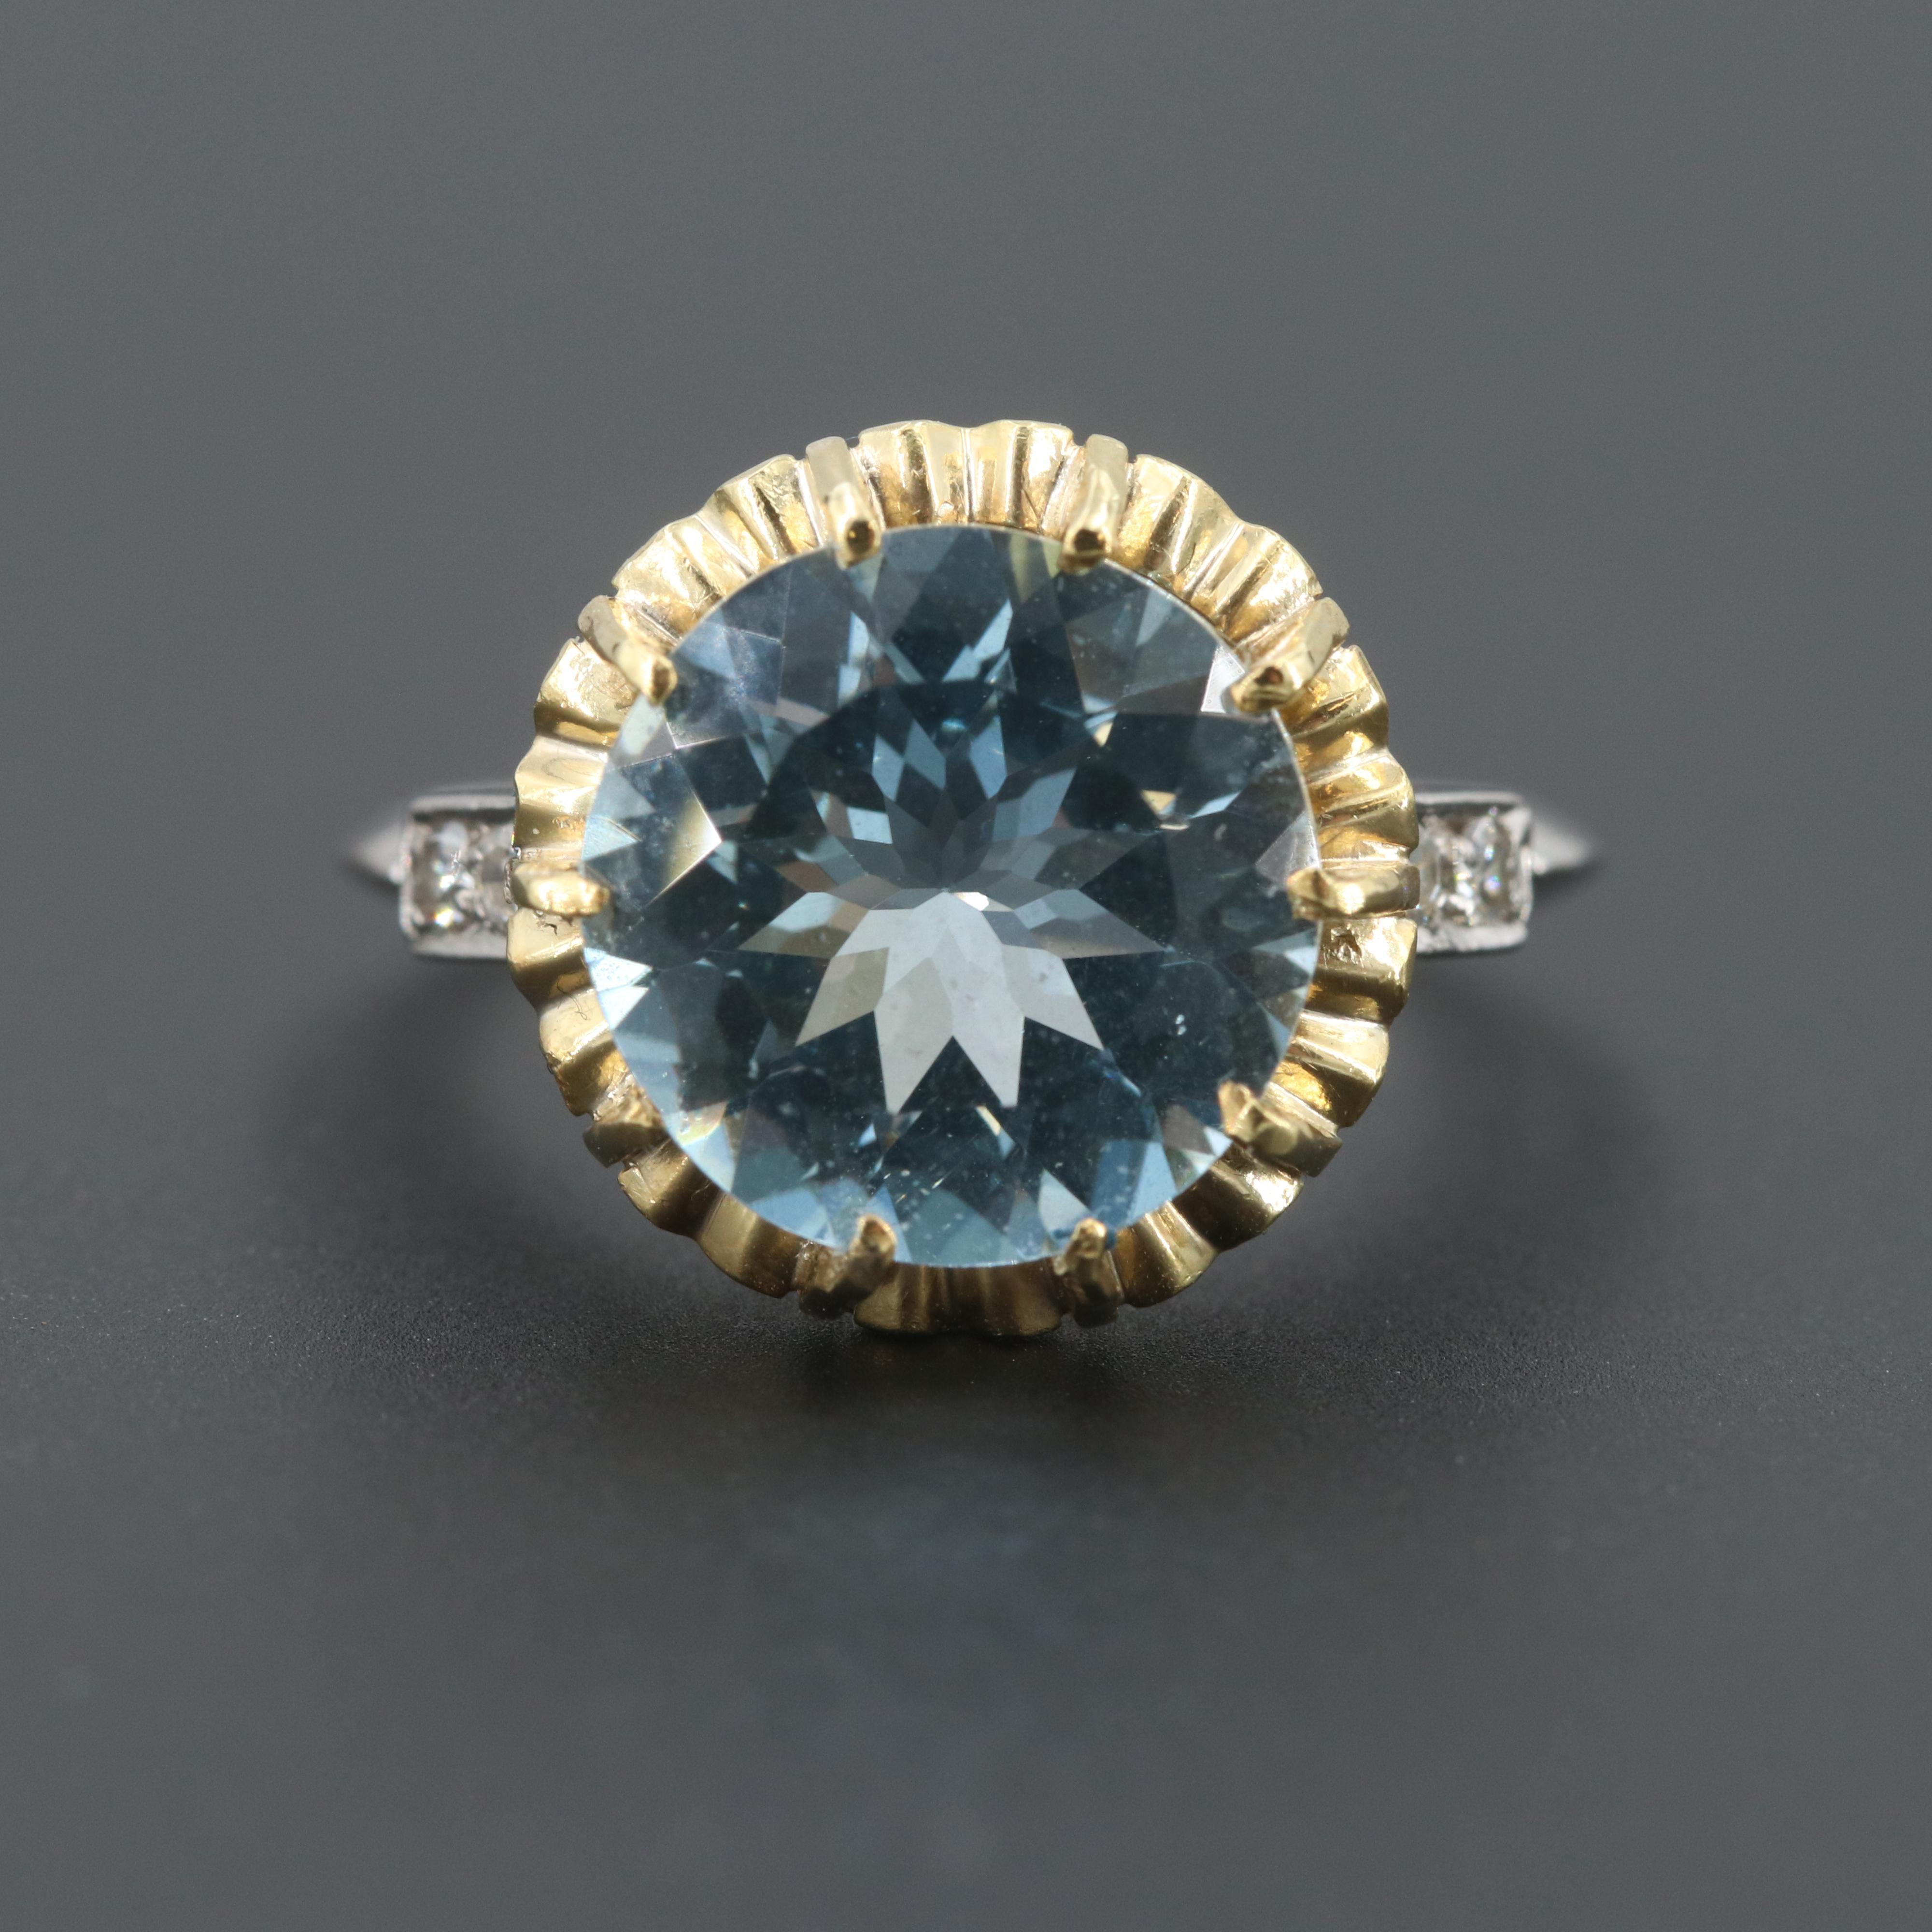 Platinum 3.46 CT Aquamarine and Diamond Ring